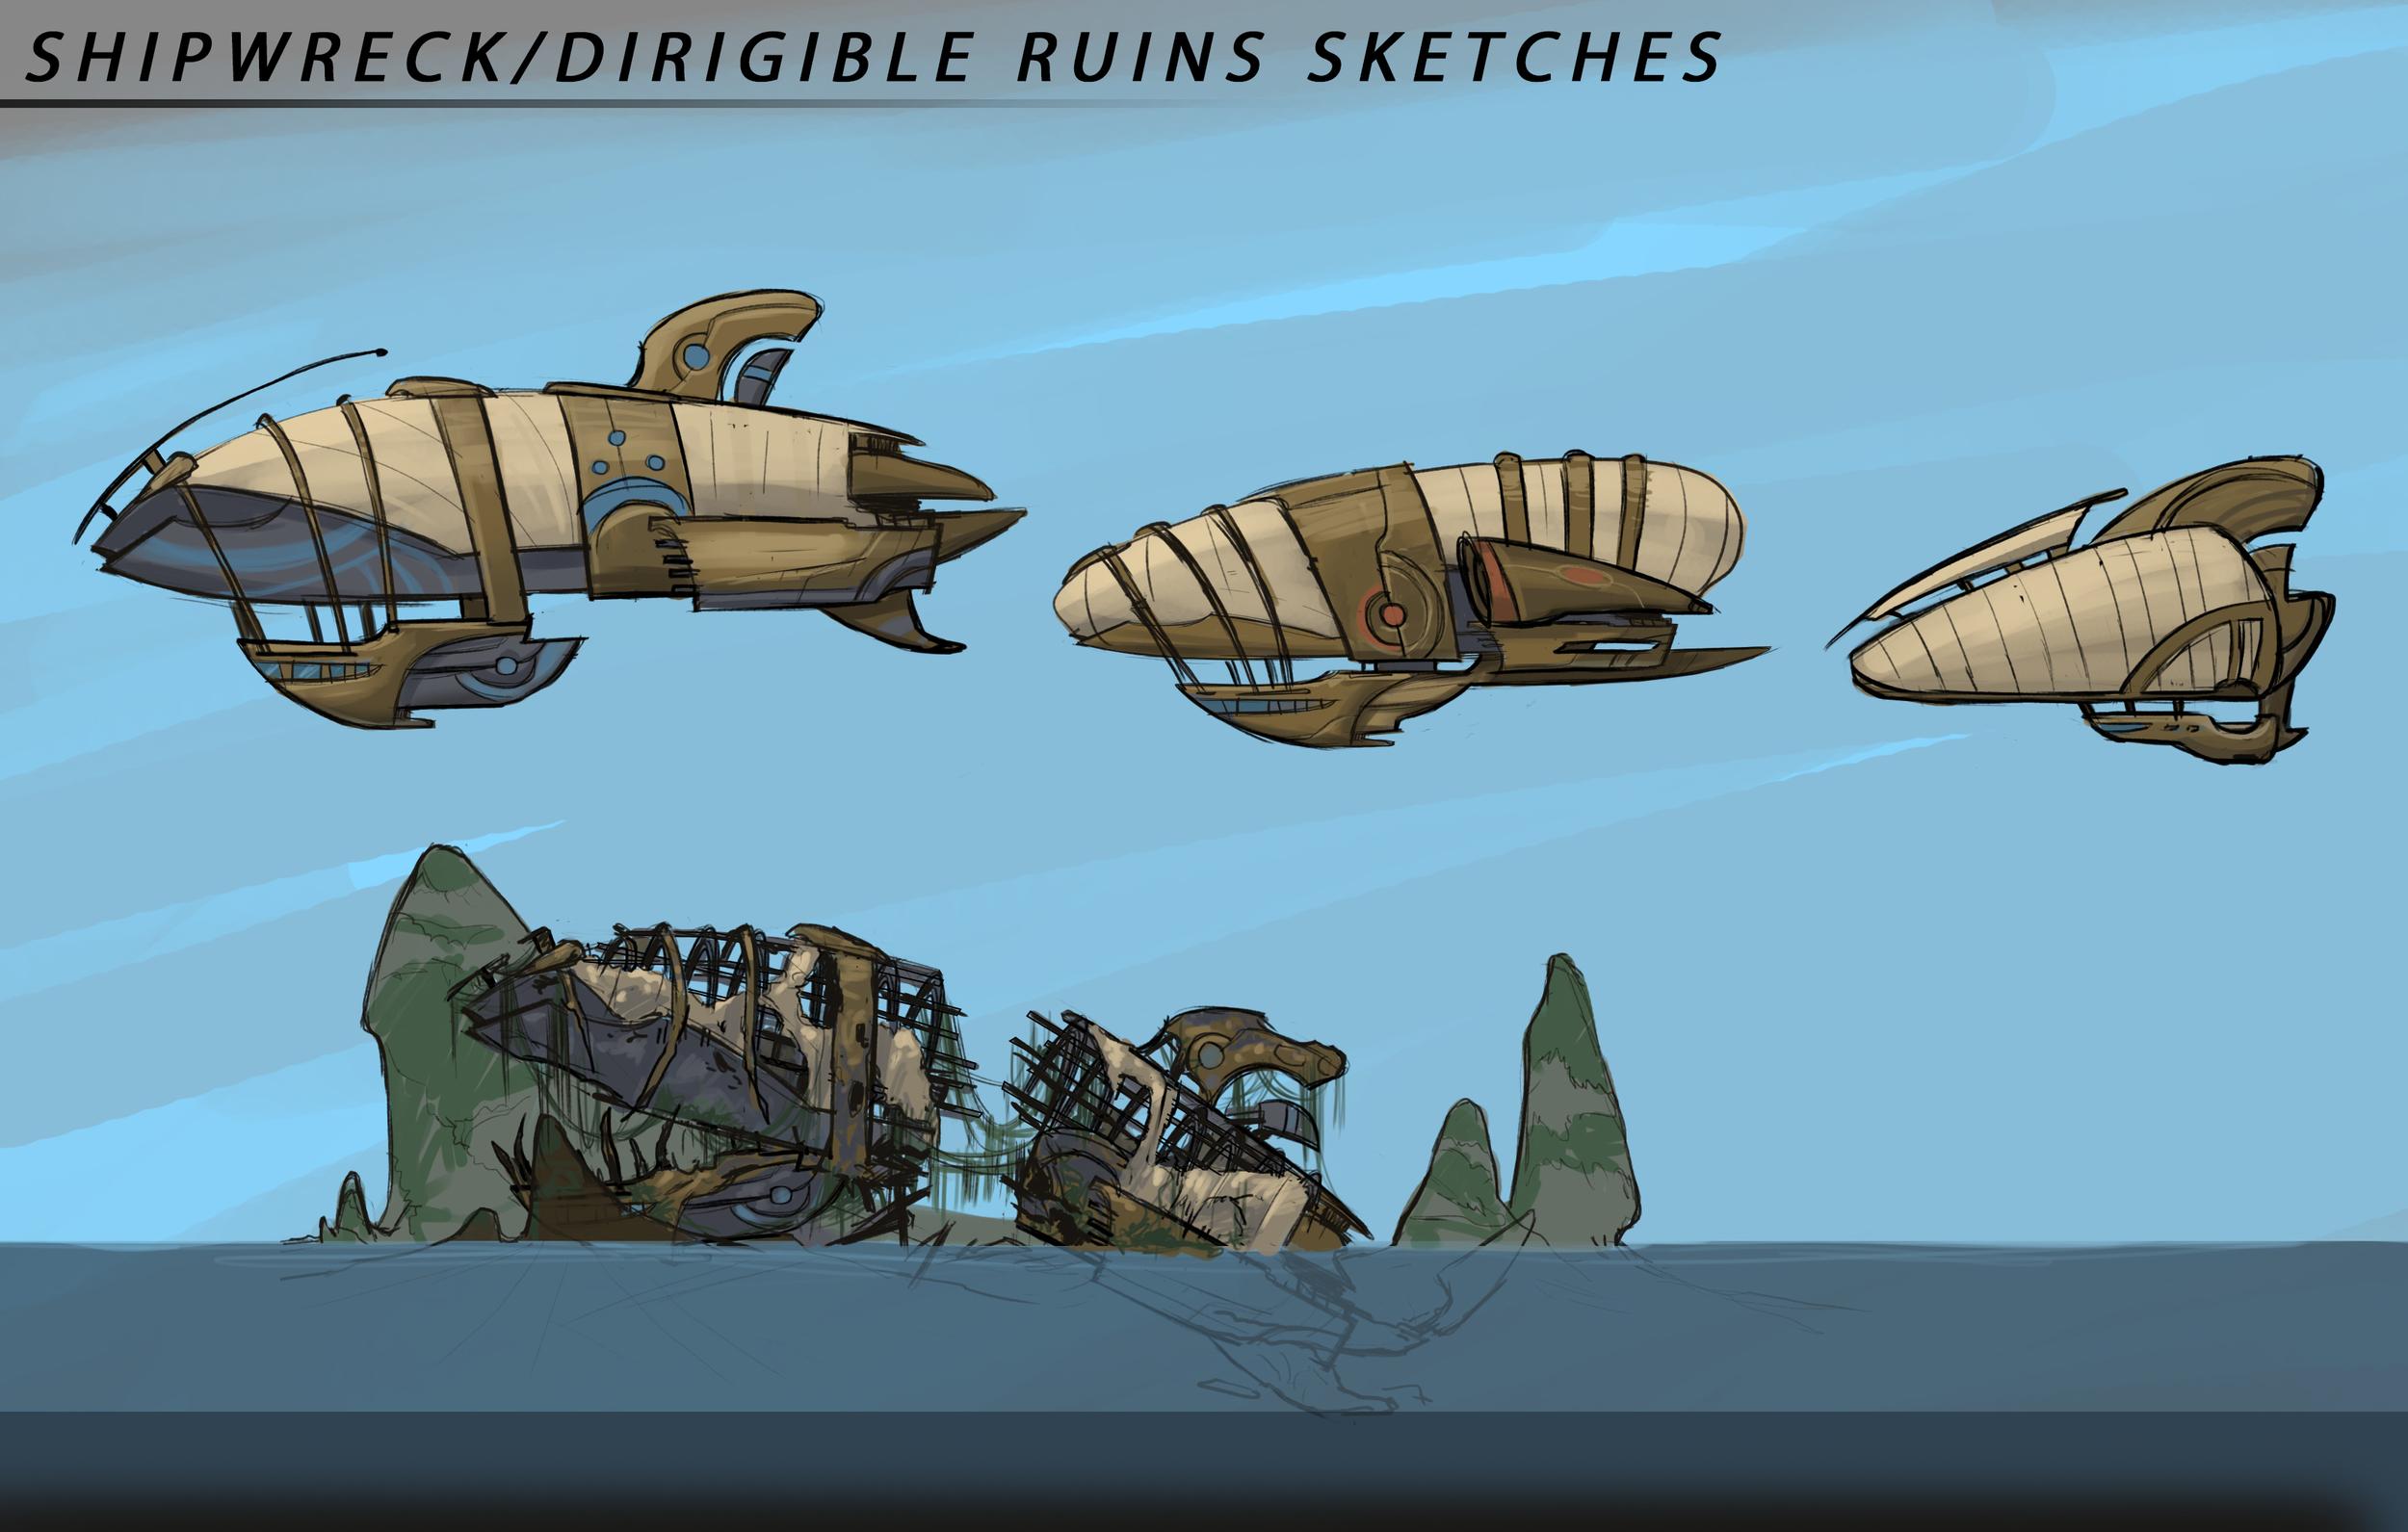 dirigible sketches.jpg